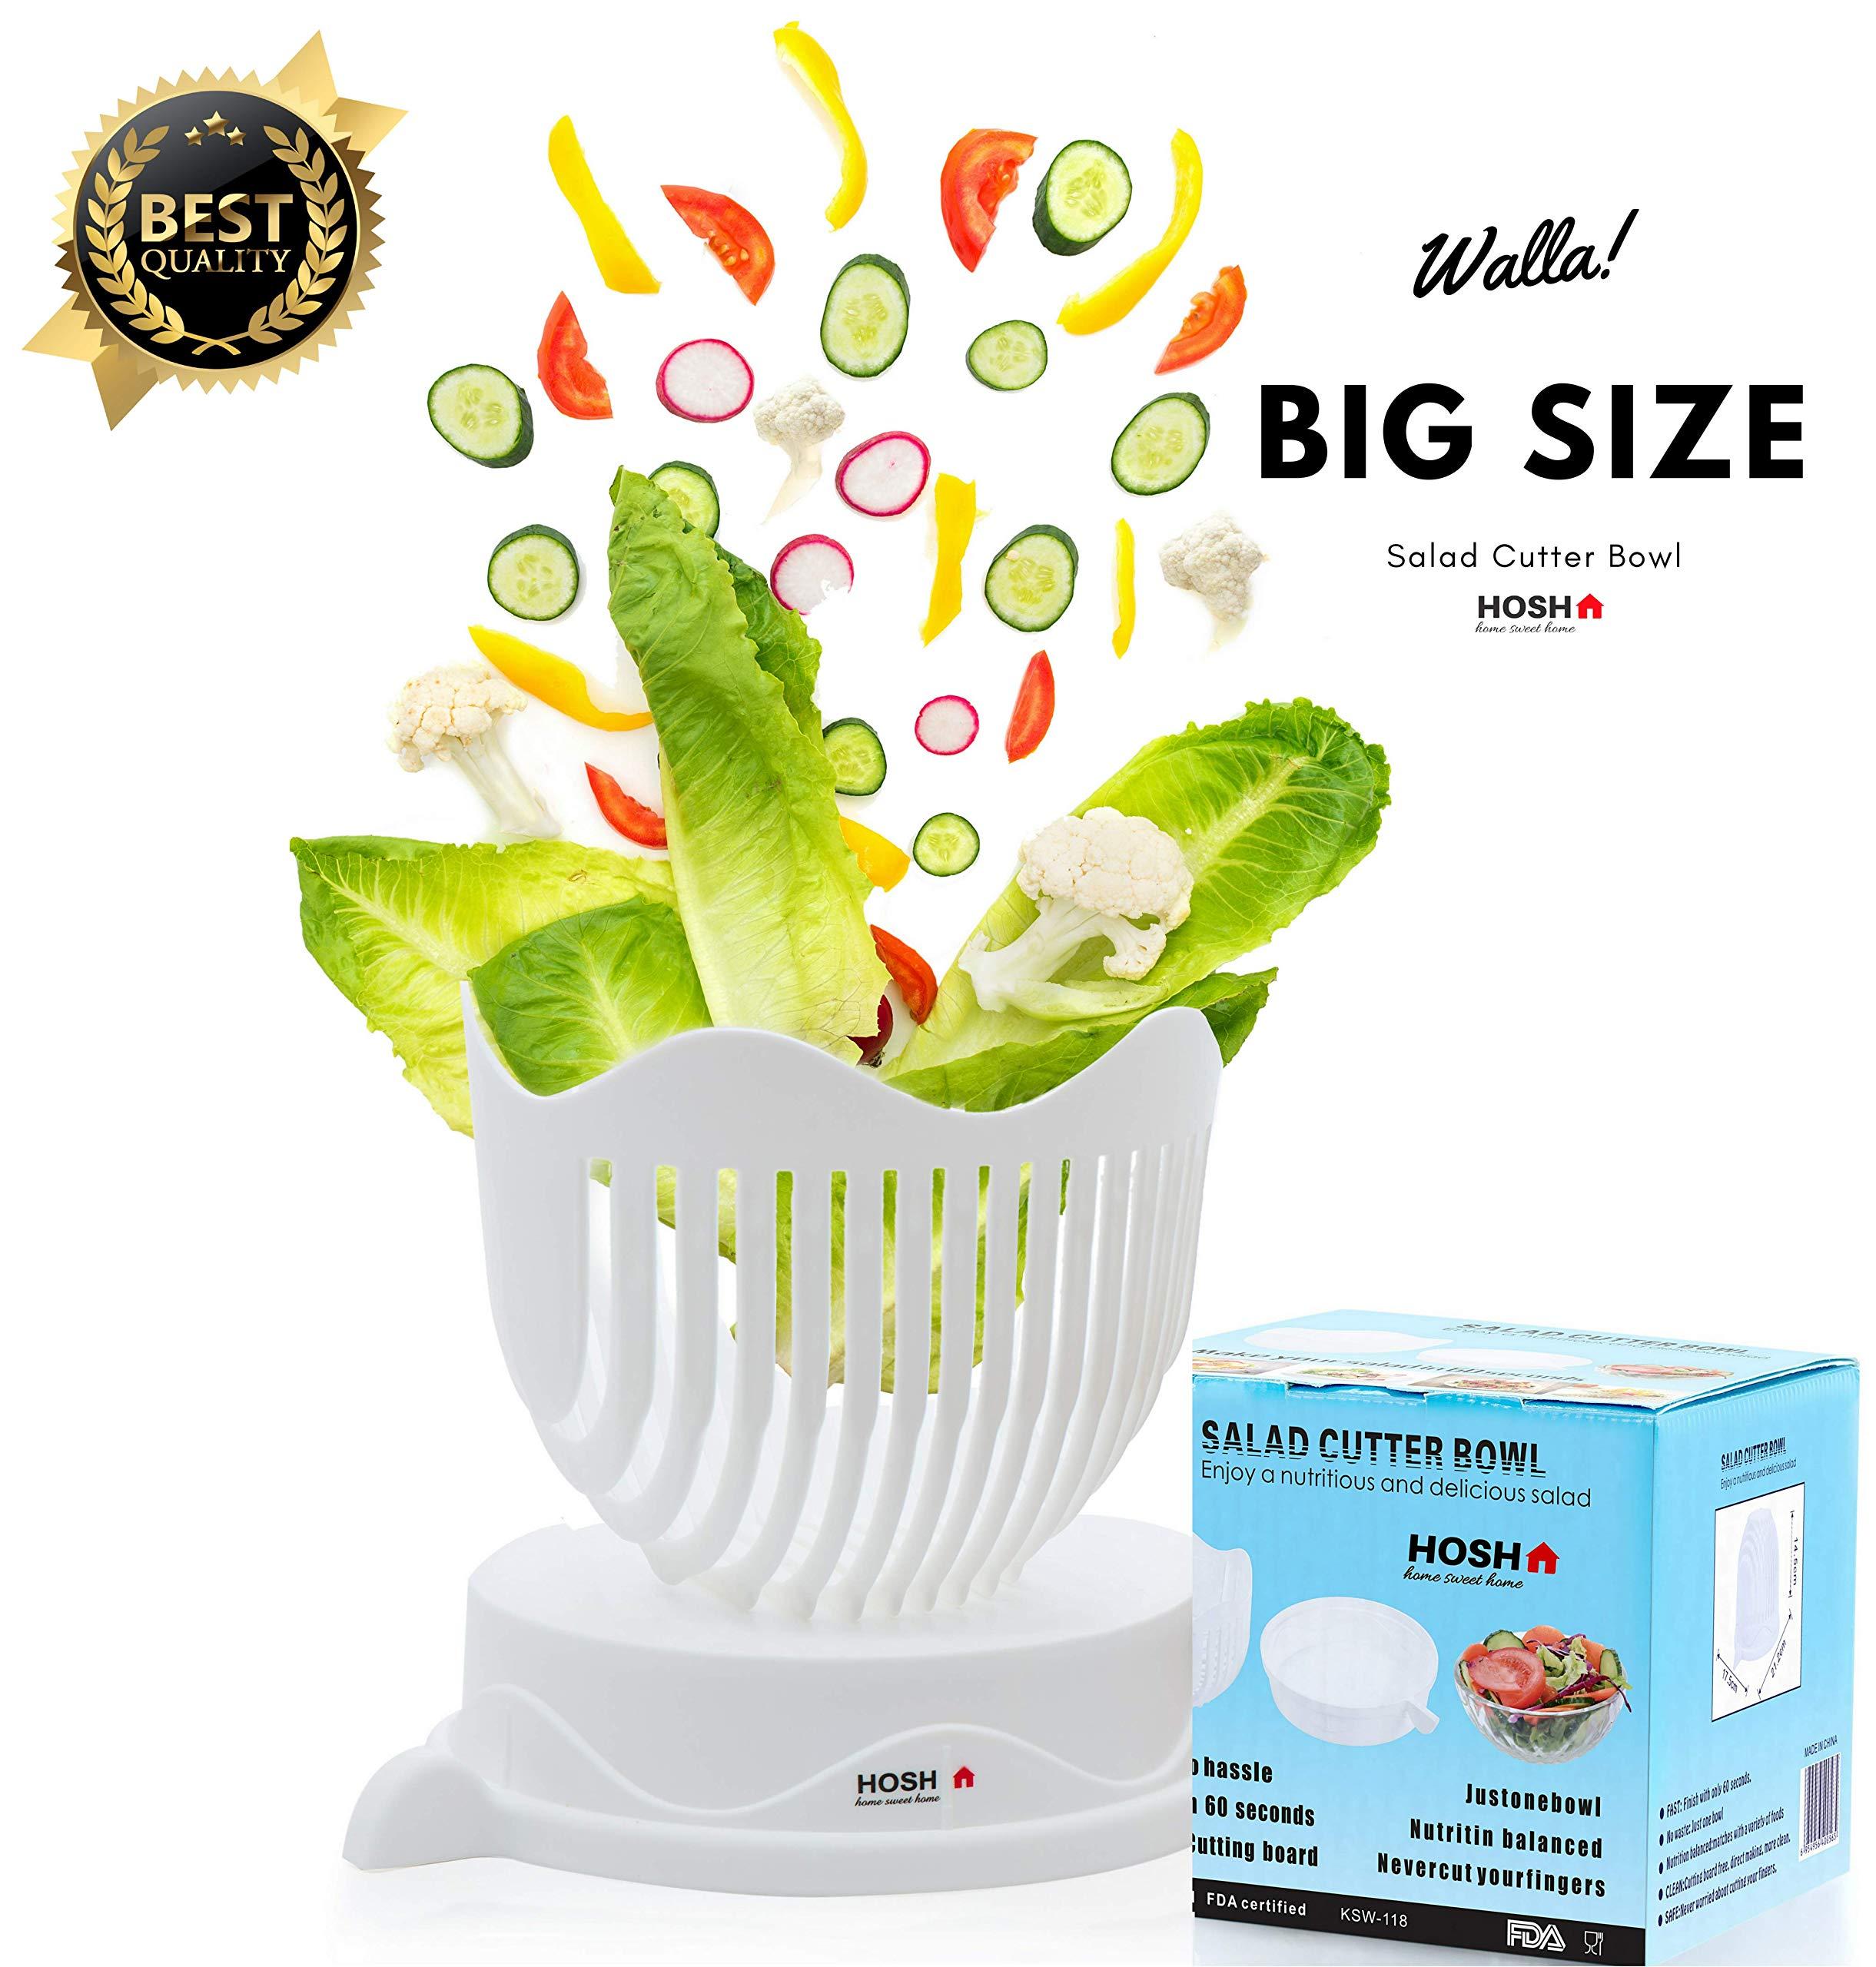 HOSH Salad Cutter Bowl/60 Seconds Salad Maker By Kitchen/HQ ABS Plastic/Large Size/Fast Fresh Fruit Vegetable Cutter Chopper Slicer/strainer/cutting board/1 Minute Salad Maker